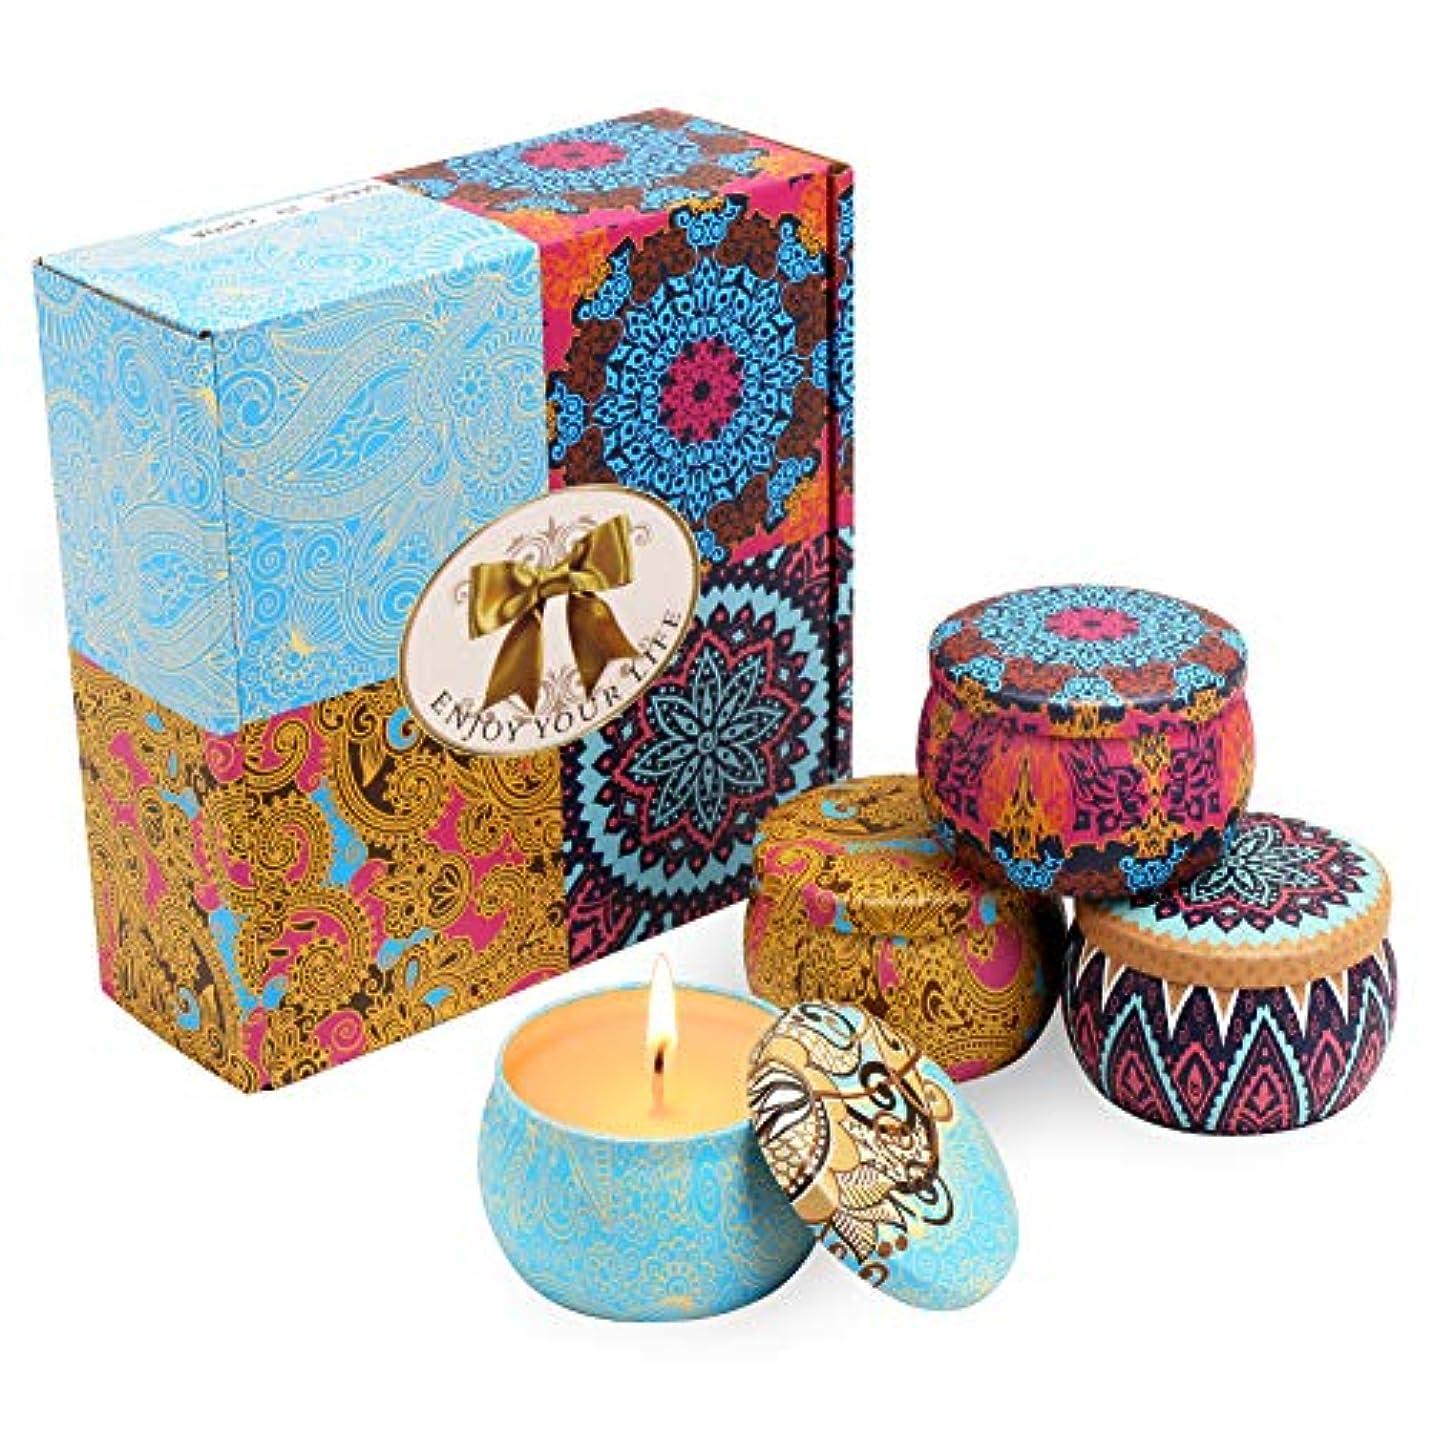 液体静かにハイキングに行くアロマキャンドル MANLI ソイワックス 天然 大豆ワックス 4つ香り 果物の香り 4個セット キャンドル アロマテラピー ロウソク バレンタインデー プレゼント ロマンチック 結婚式 誕生日(四セット)